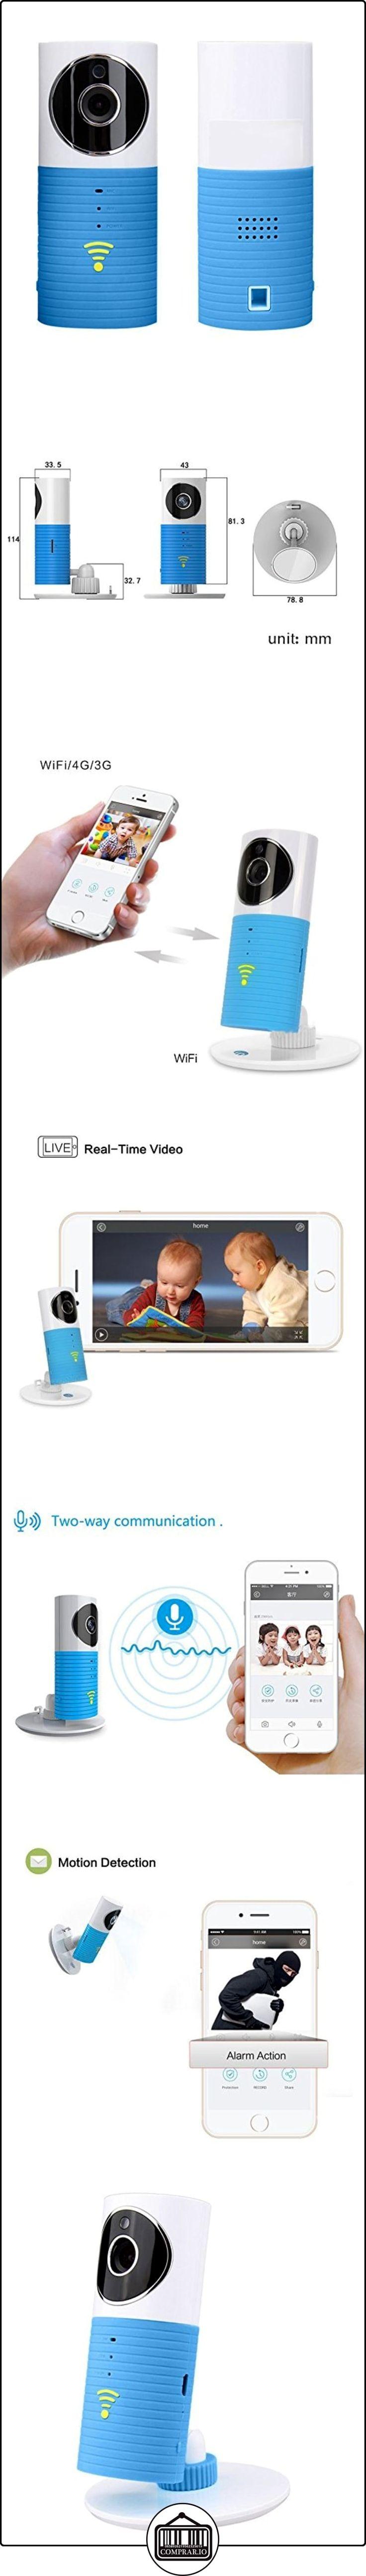 """Mengshen® Smart Wireless Baby Monitor Cámara """"Clever Dog"""" Wifi Vídeo del bebé con la visión nocturna P2p grabación de video de dos vías Apoyo TF Talk detección de movimiento para Iphone Ipad Android Smartphone y Tablets (no puede trabajar con PC) MS-WH19  ✿ Vigilabebés - Seguridad ✿ ▬► Ver oferta: http://comprar.io/goto/B01HHNC13Q"""